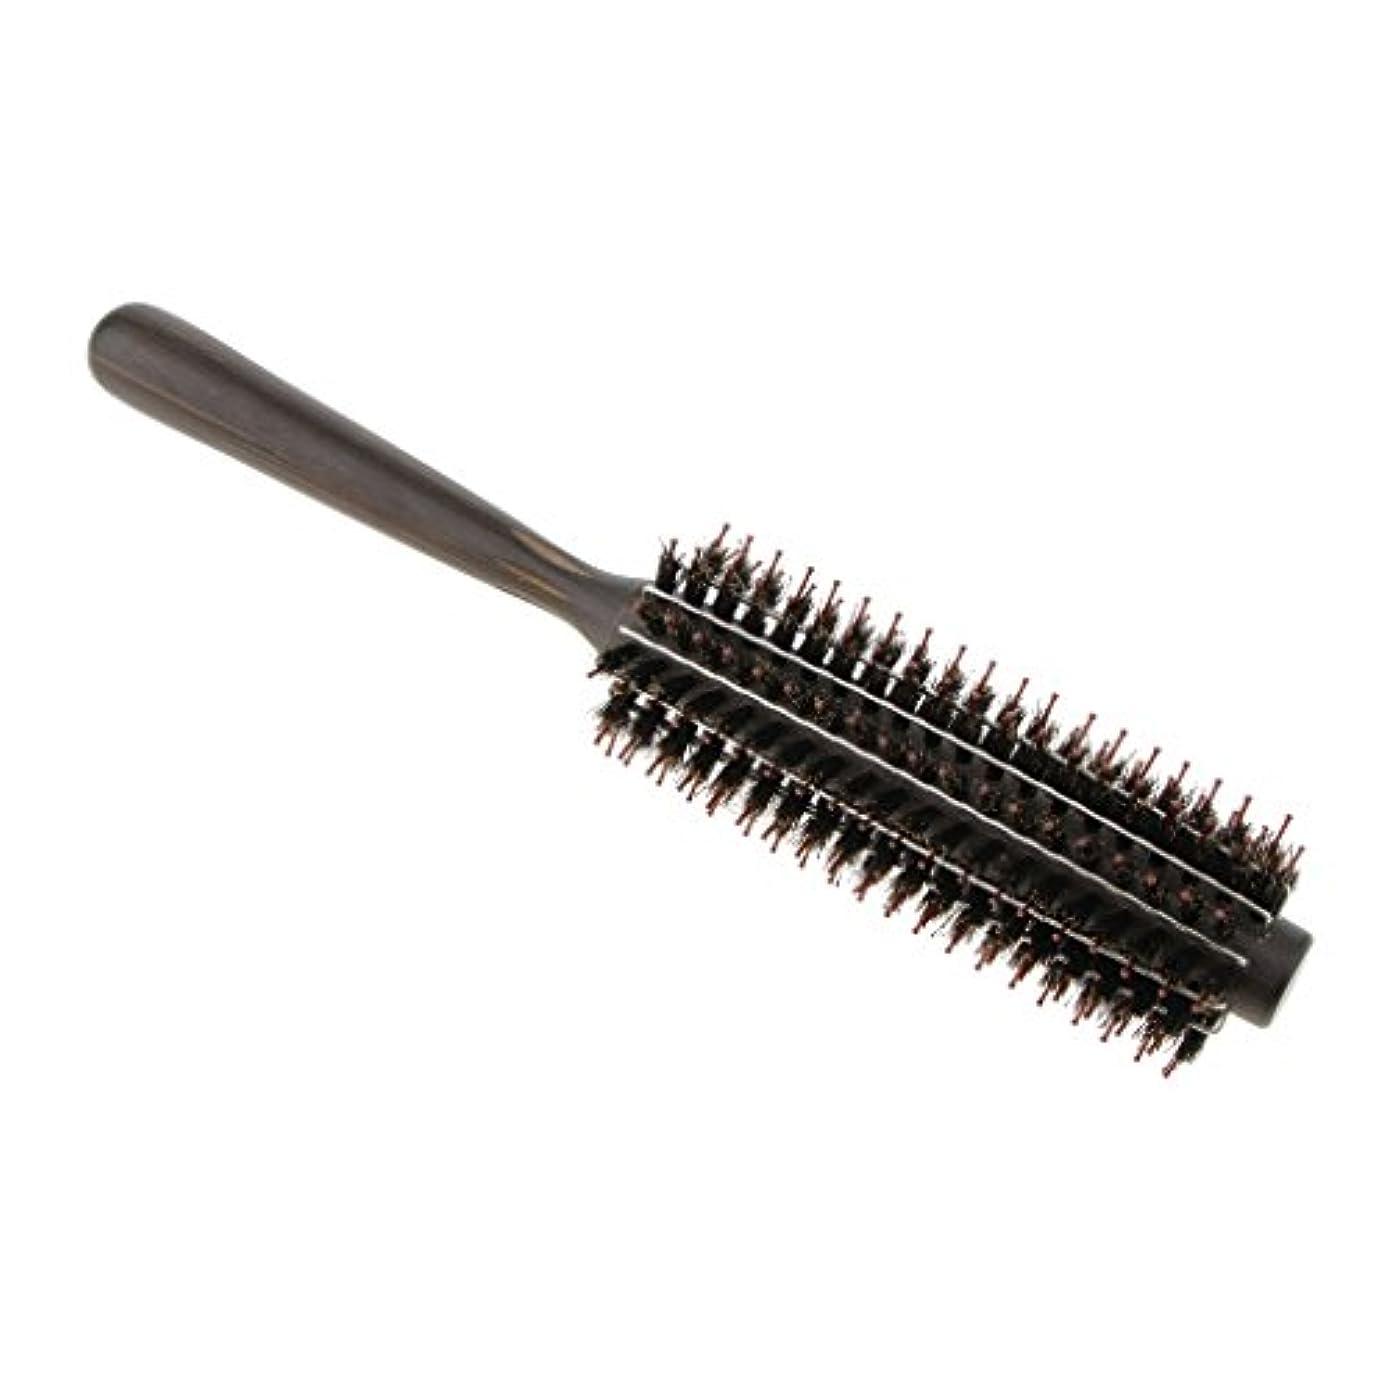 ラフレシアアルノルディ穴安いですPerfk ロールブラシ ヘアブラシ カール 巻き髪  ヘアコーム 3サイズ選べる  - M